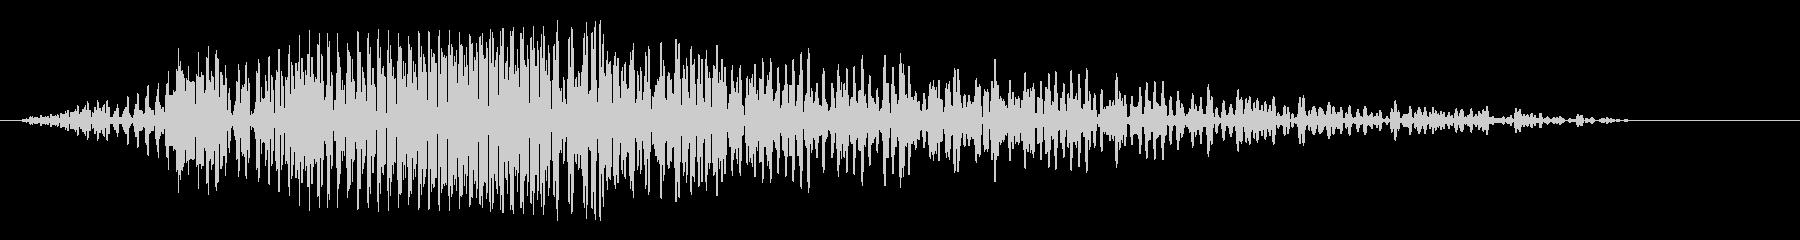 プワァオン〜(宇宙や近未来の効果音)の未再生の波形